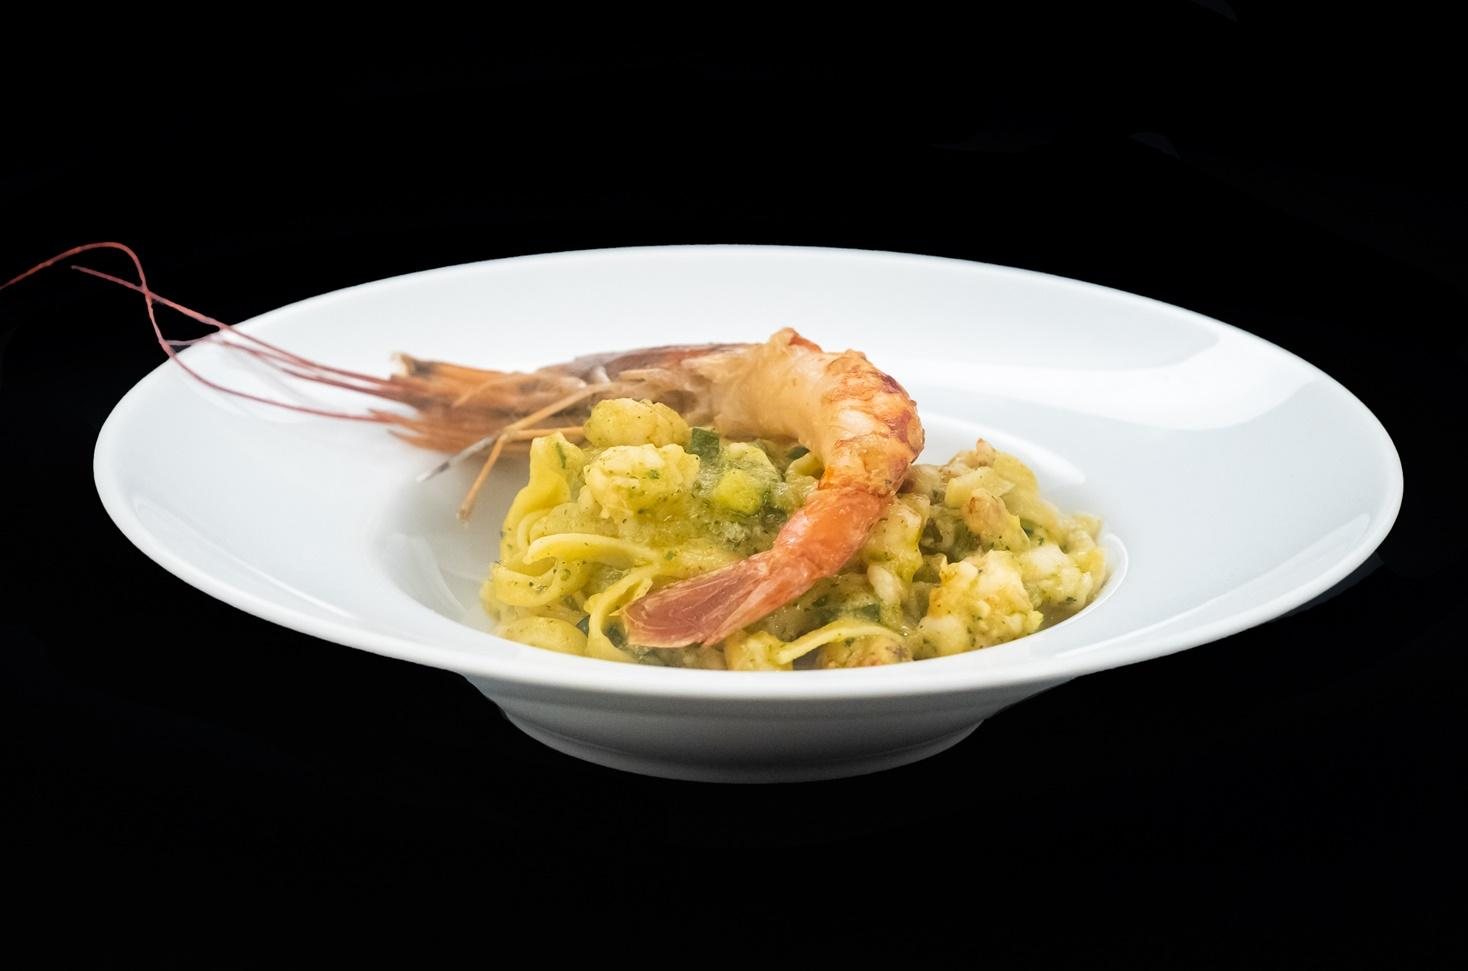 Rețetă din bucătăria italiană: Tagliatelle cu zucchini și creveți